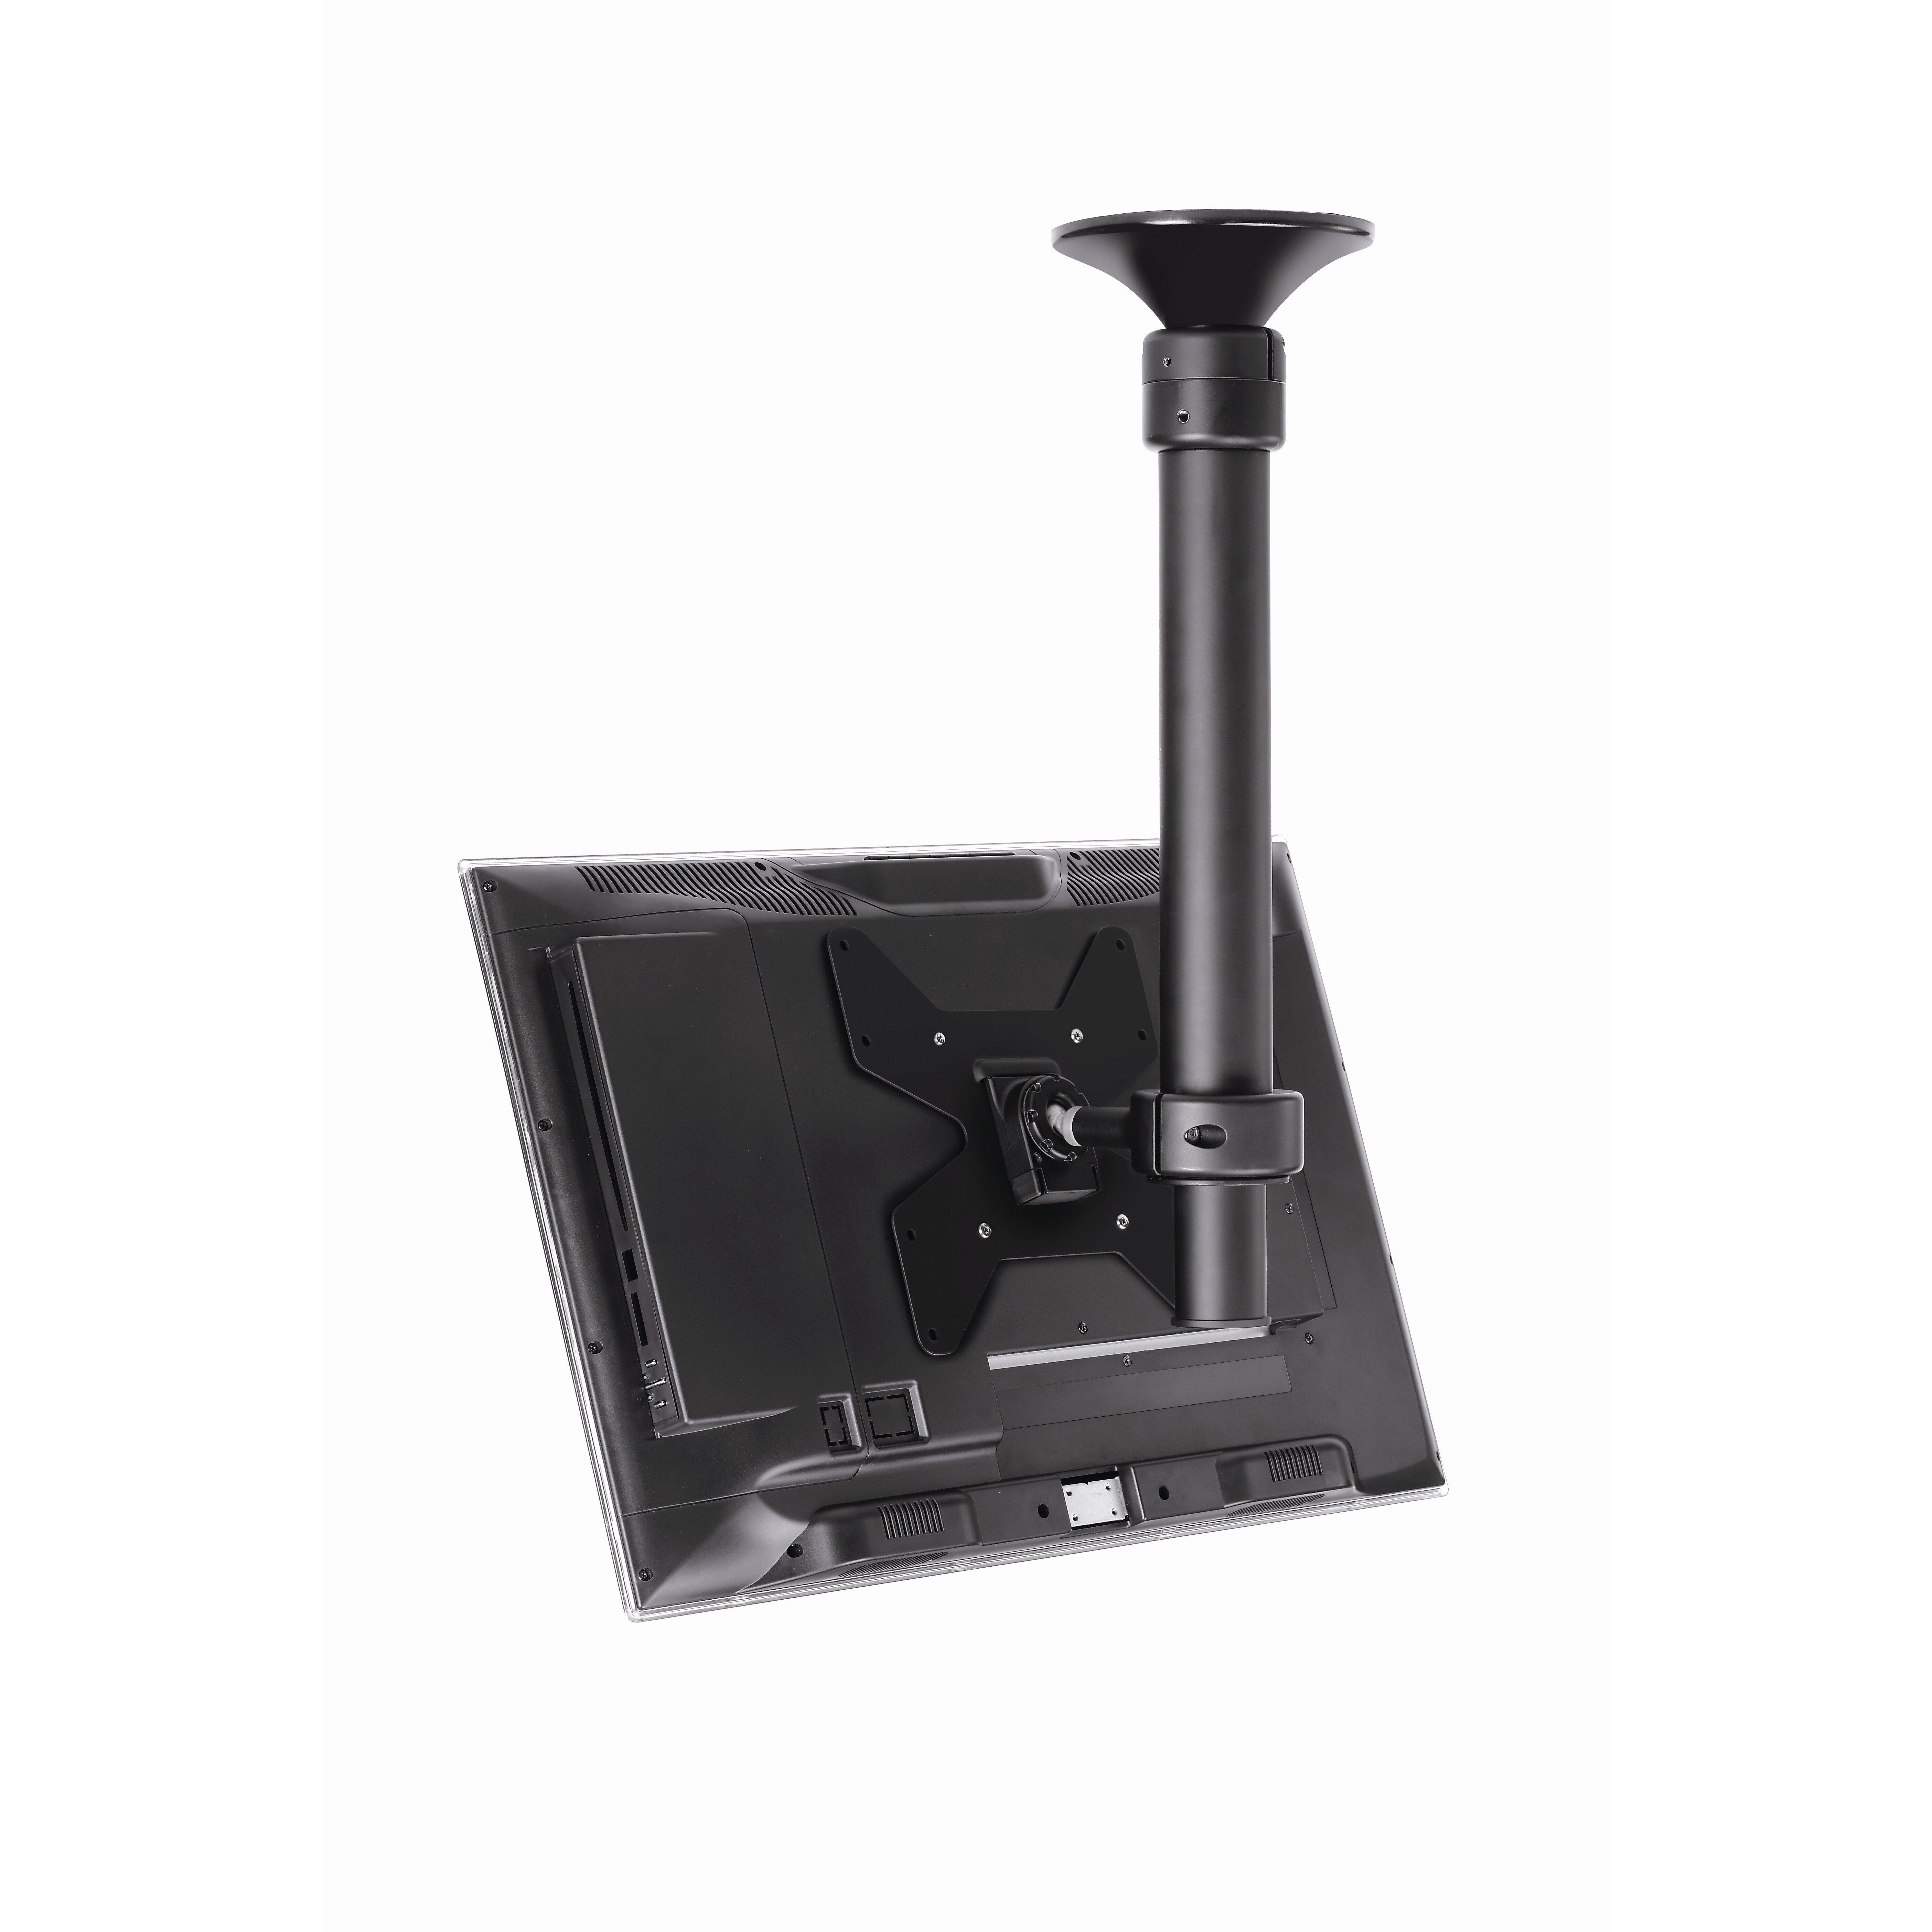 Atdec Telehook Tilt Swivel Short Ceiling Mount For Led Plasma Lcd Reviews Wayfair